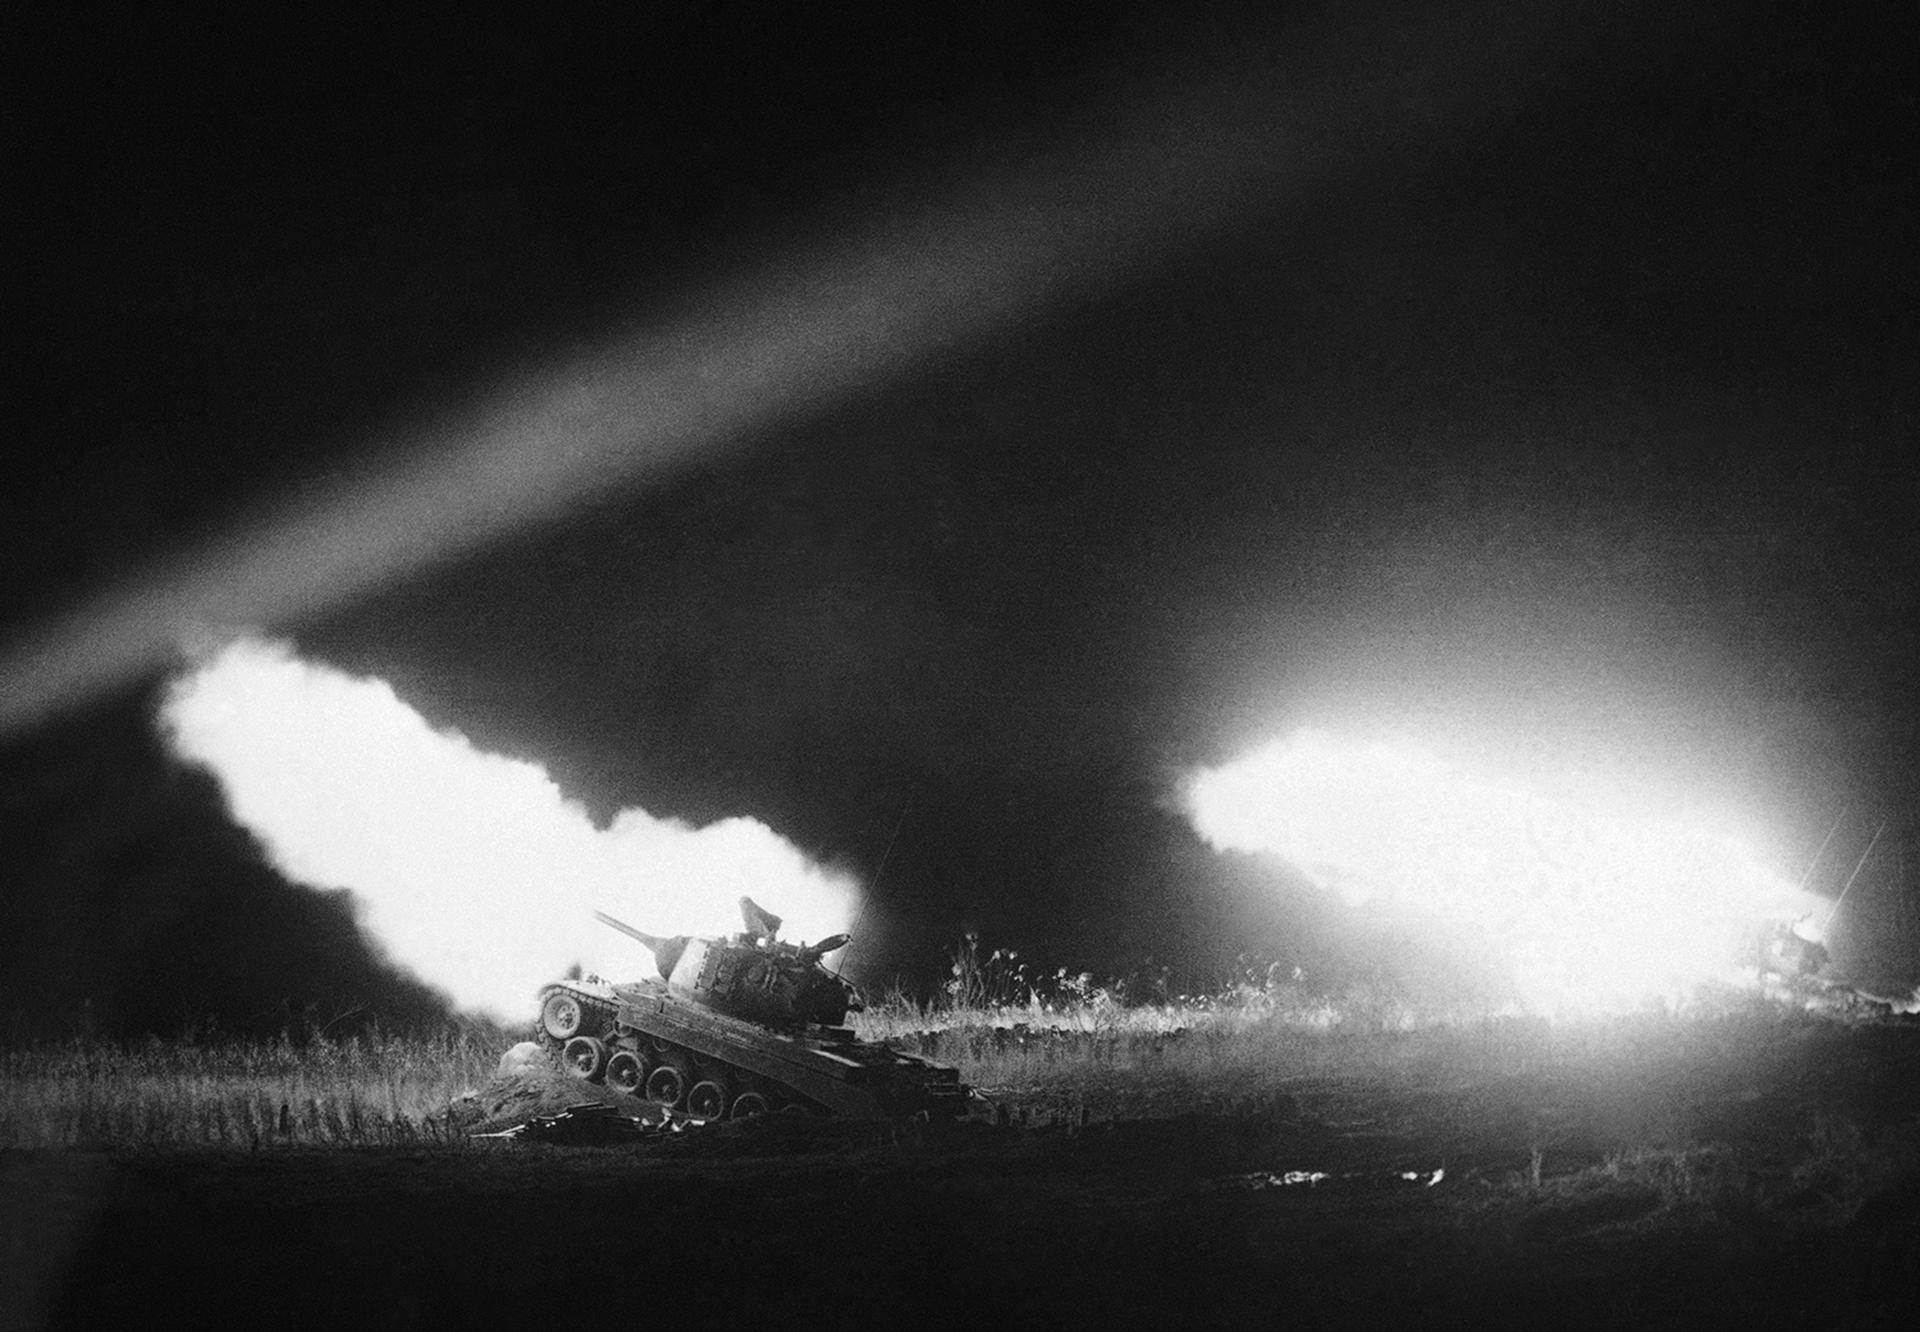 La devastación de los tanques ilumina la noche de Corea, 16 de enero, 1952 (AP)